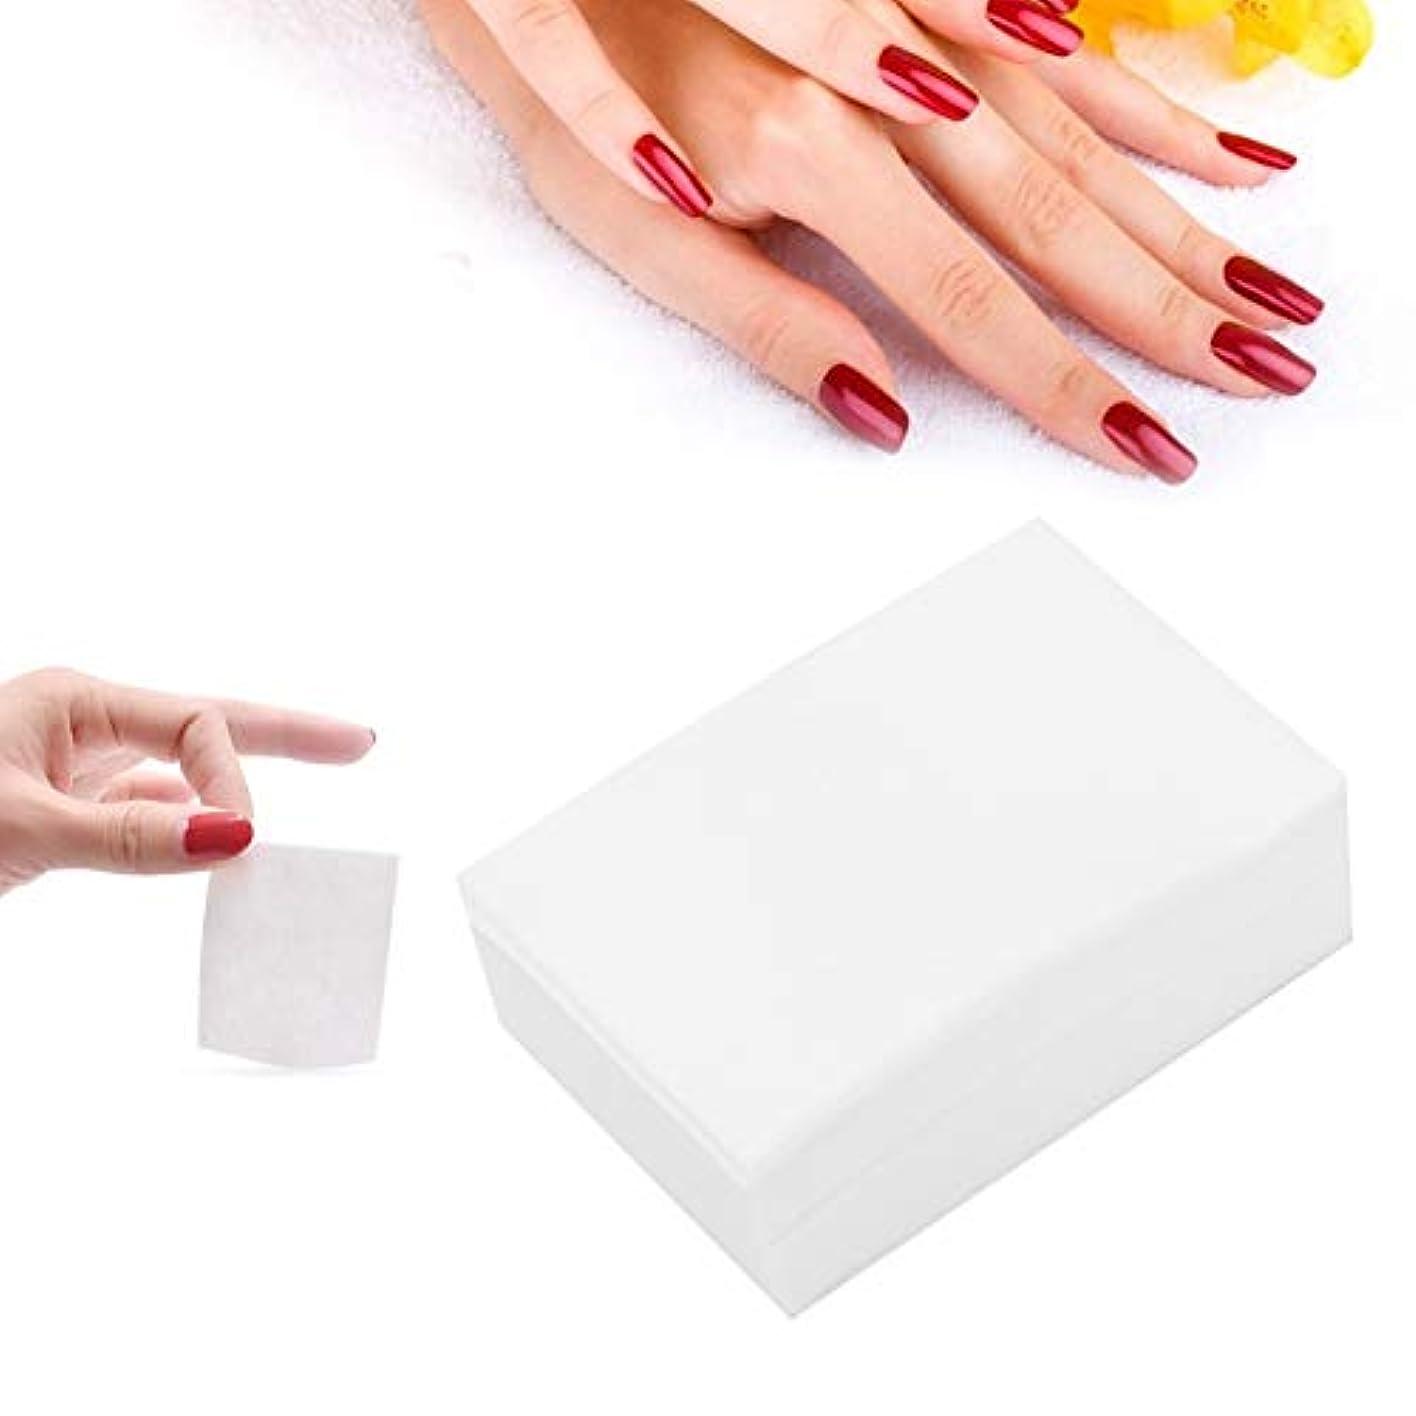 シリアル干渉する方法300ピース化粧コットンパッド 使い捨てフェイスクレンジング拭き取り用メイク落としモイスチャースキンミラークリーン